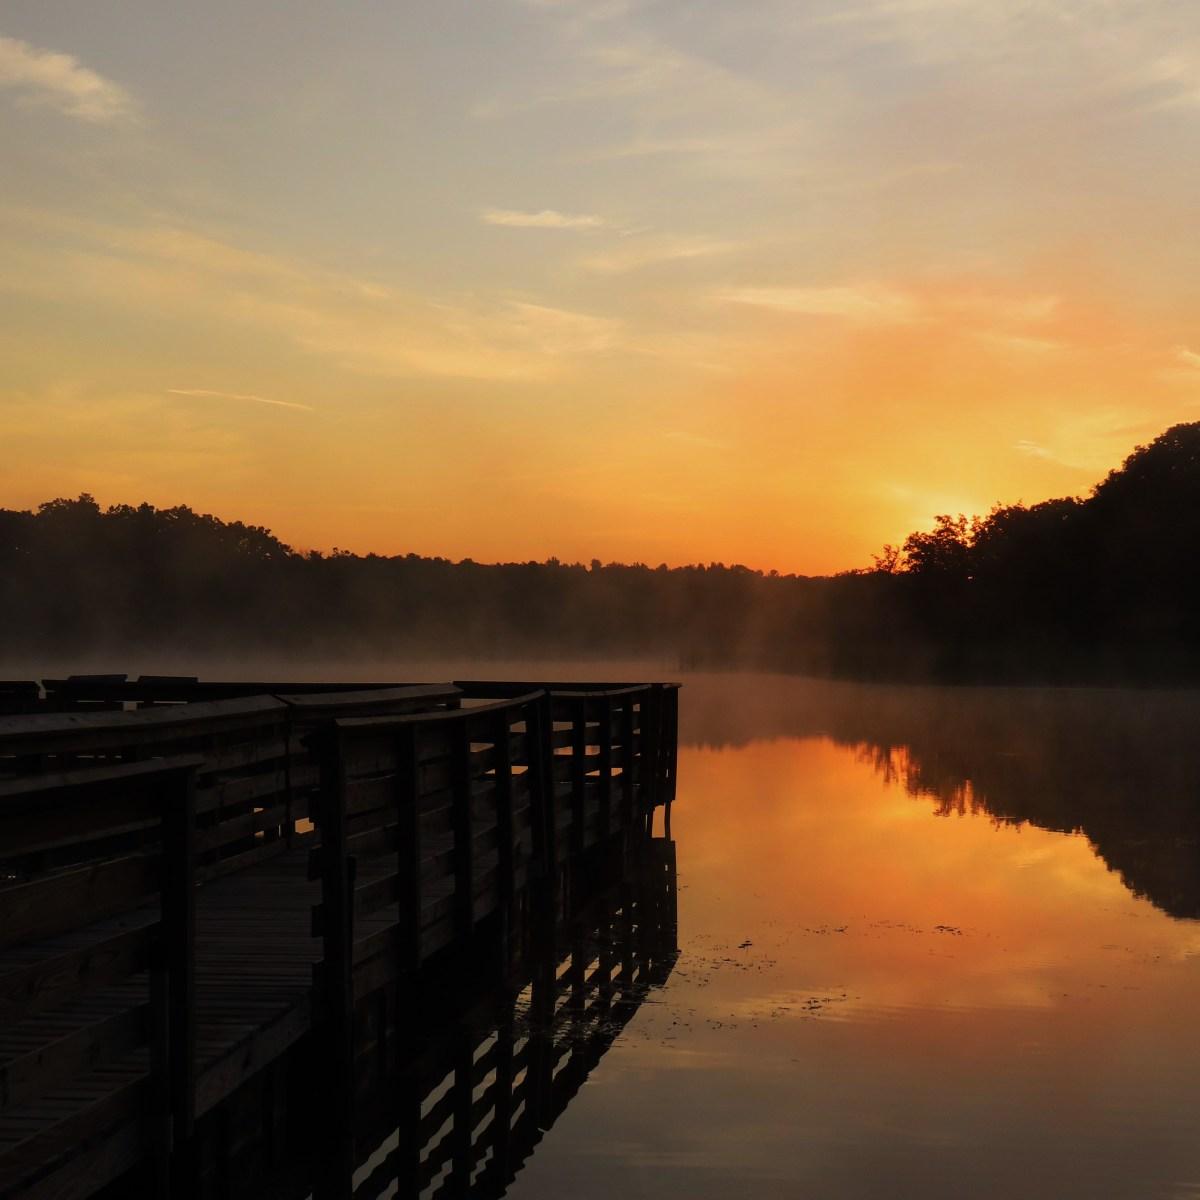 A golden sunrise reflects onto a misty lake